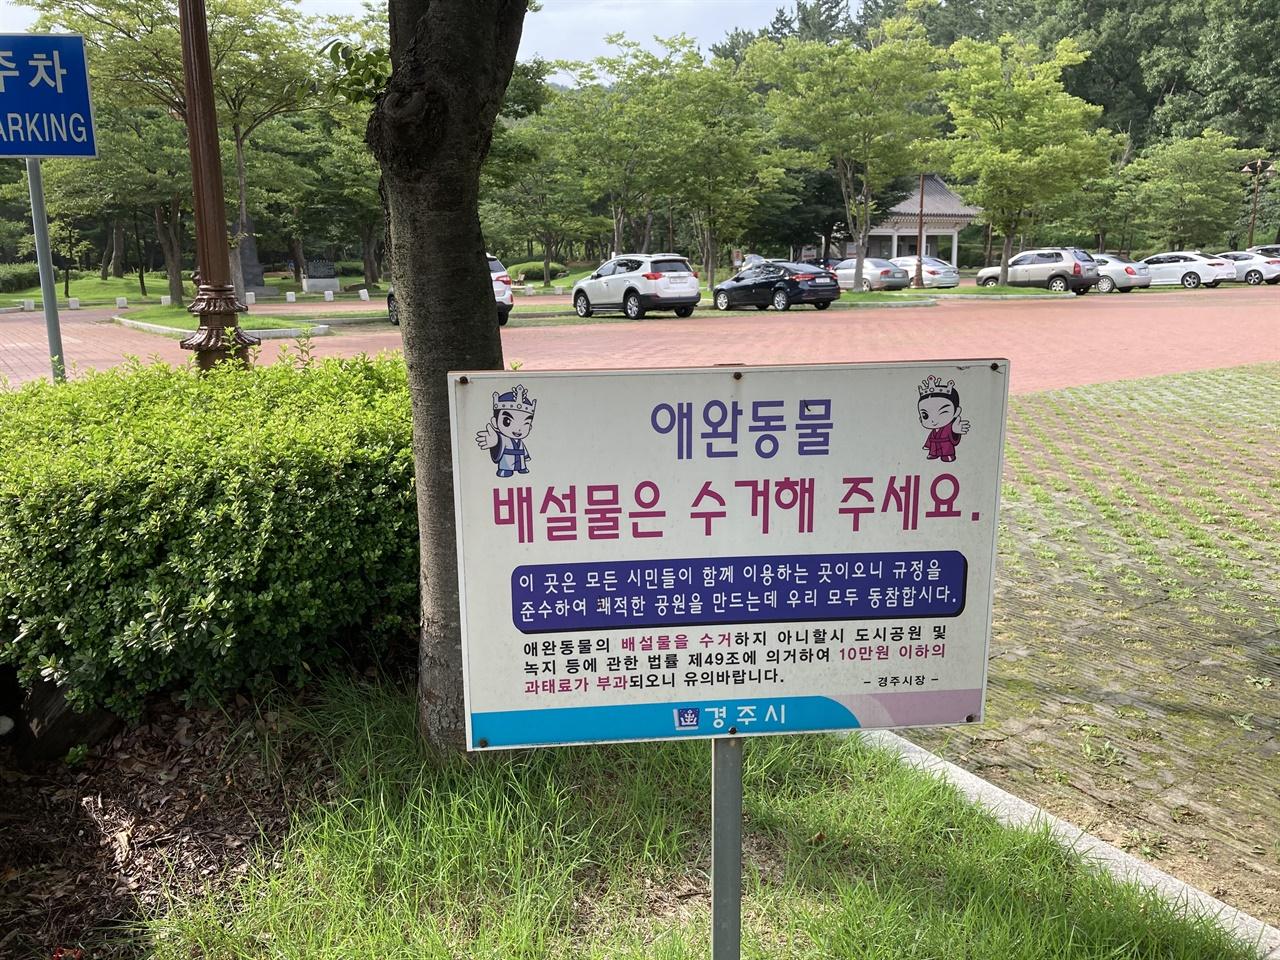 경주 흥무공원에 세워진 배설물 수거 관련 경고성 표지판 모습